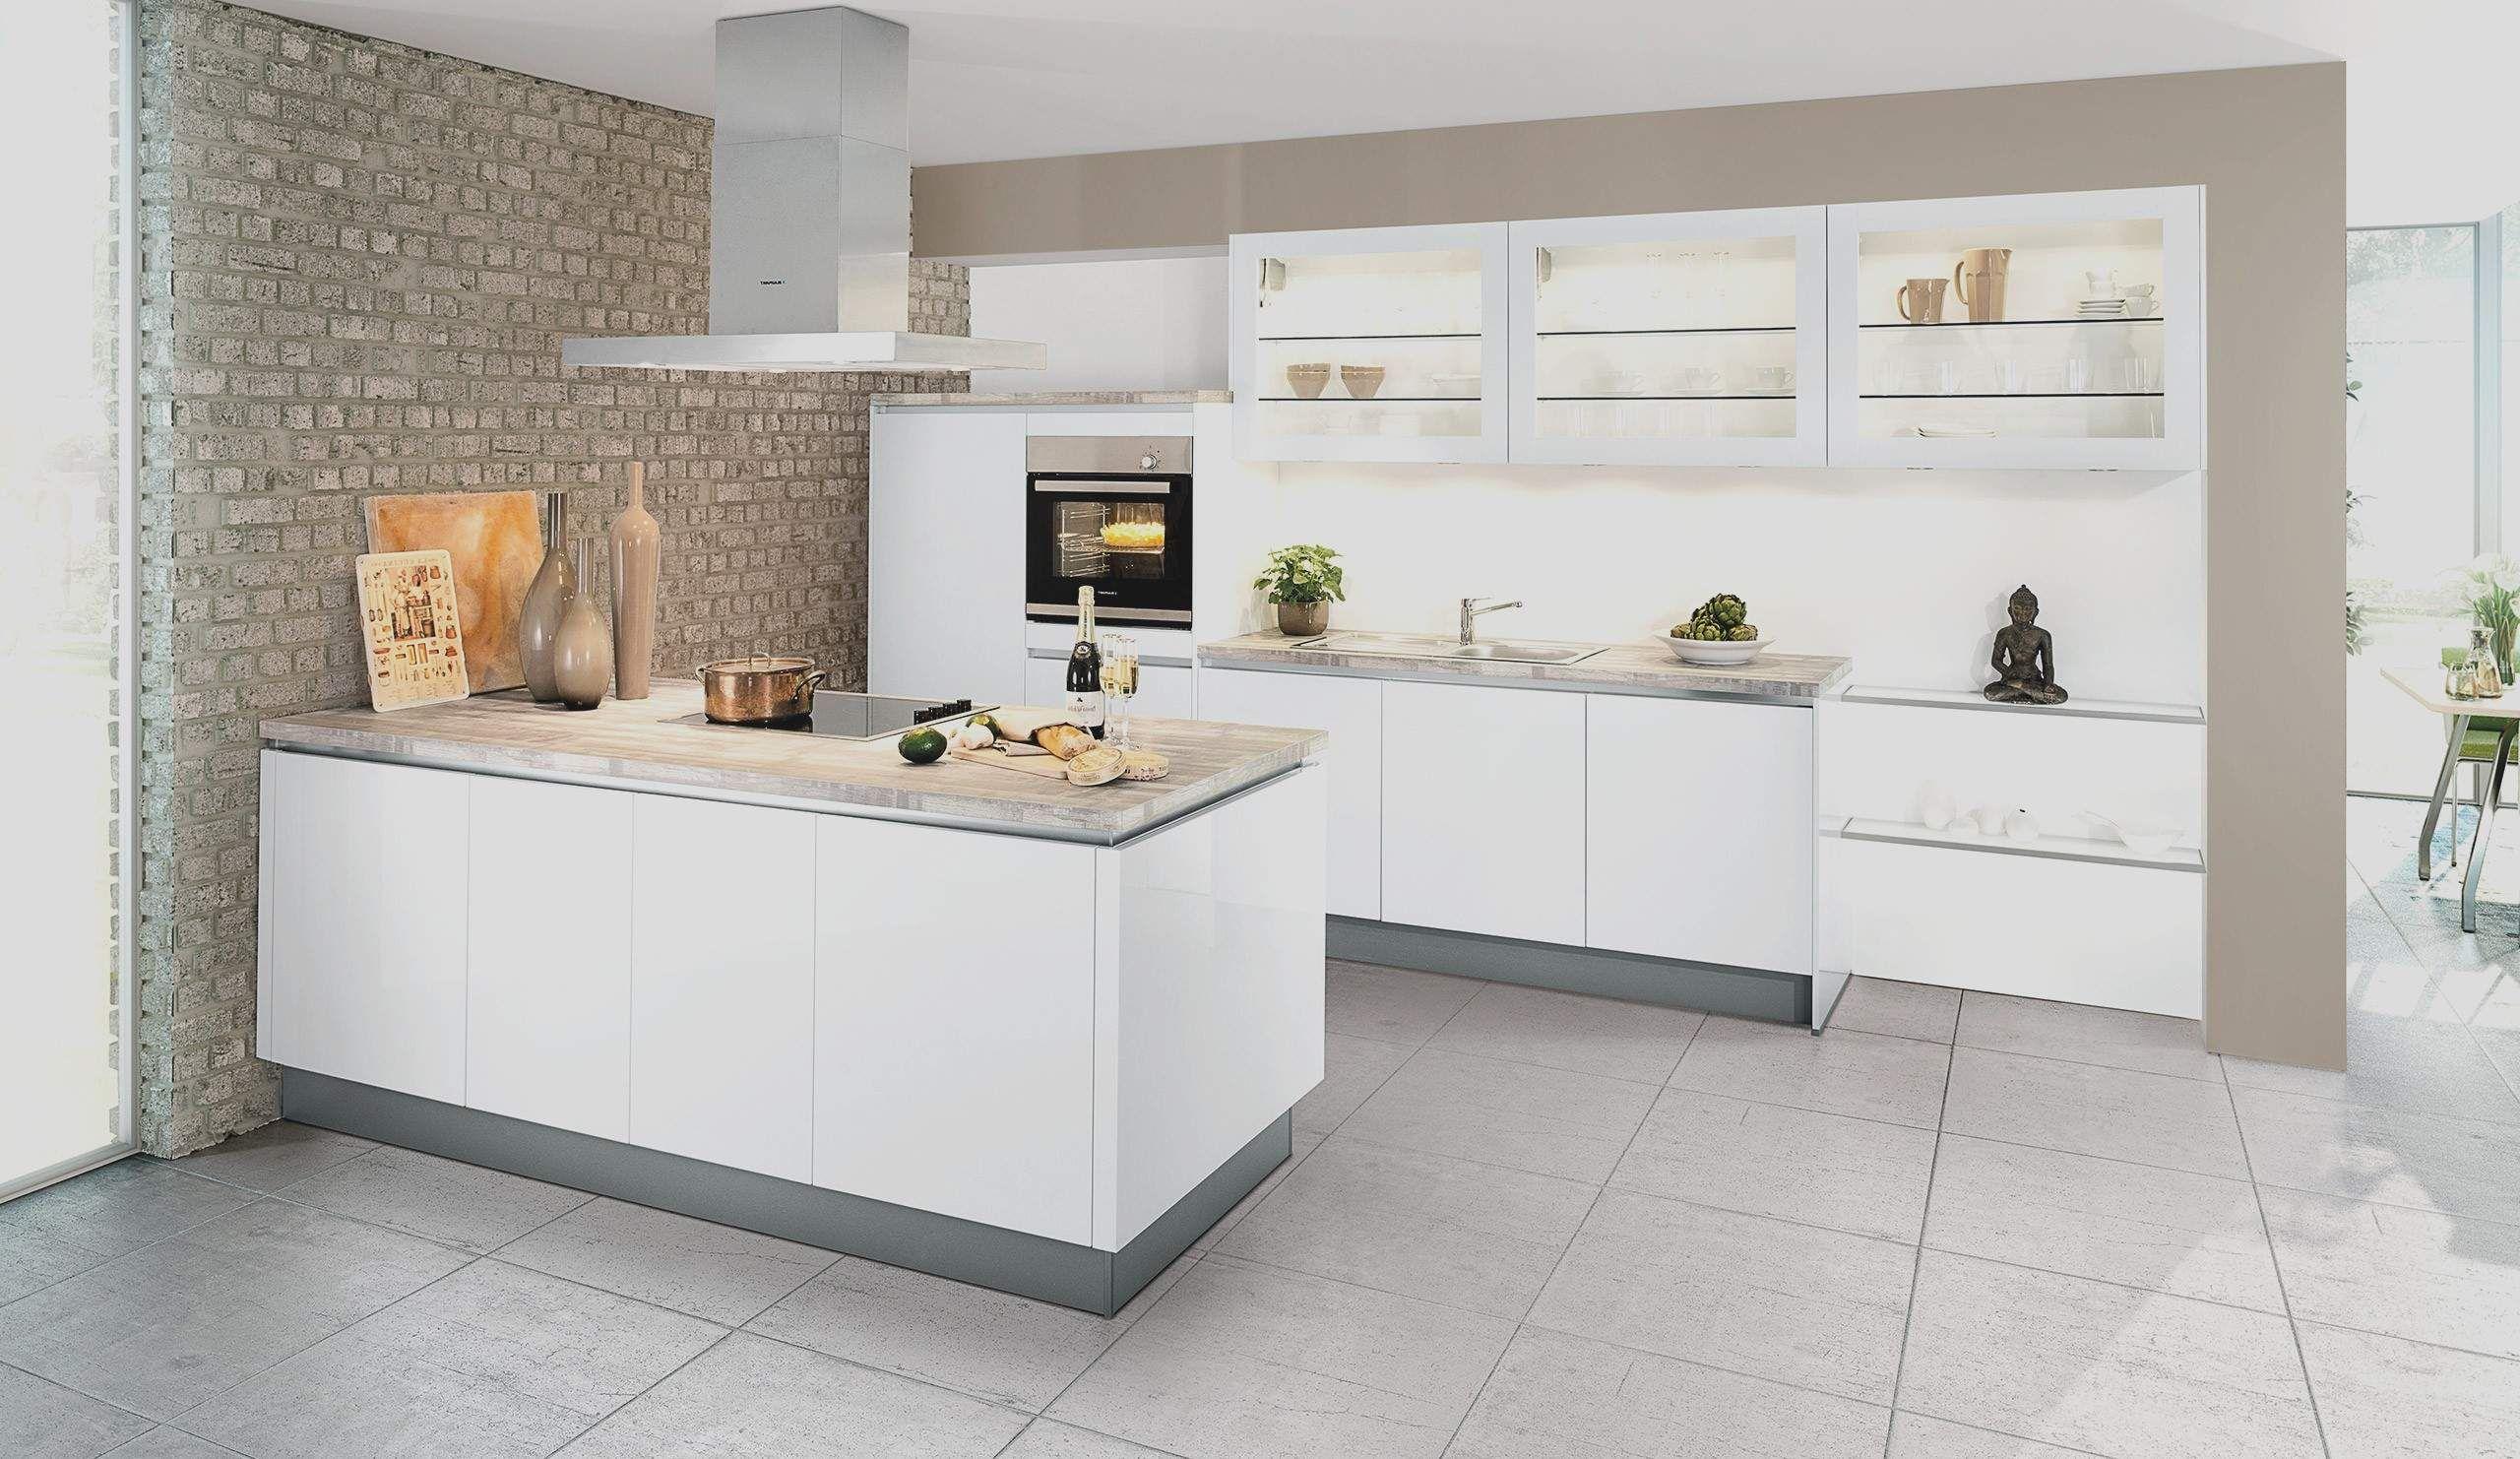 ikea küche schublade ausbauen tolle inspirierend ikea küche